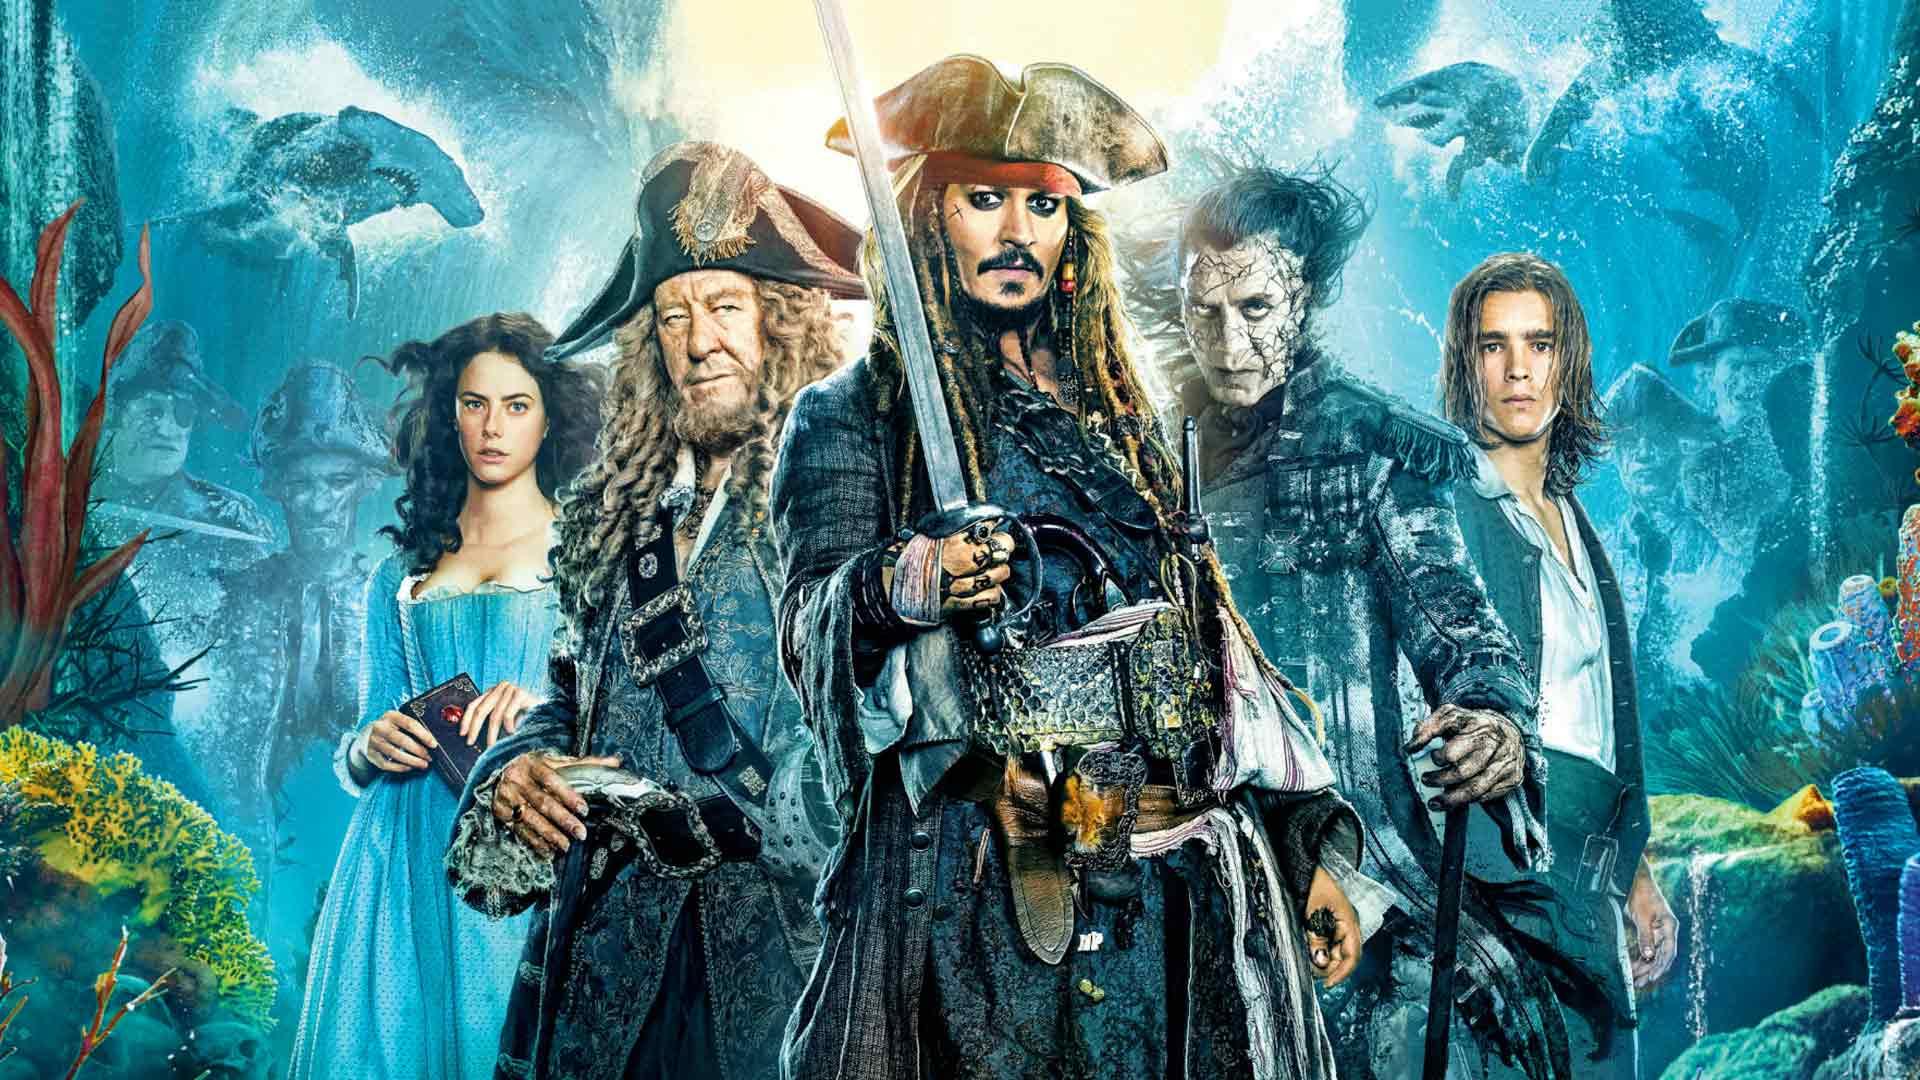 #видео | Как создавались спецэффекты для фильма «Пираты Карибского моря: Мертвецы не рассказывают сказки»